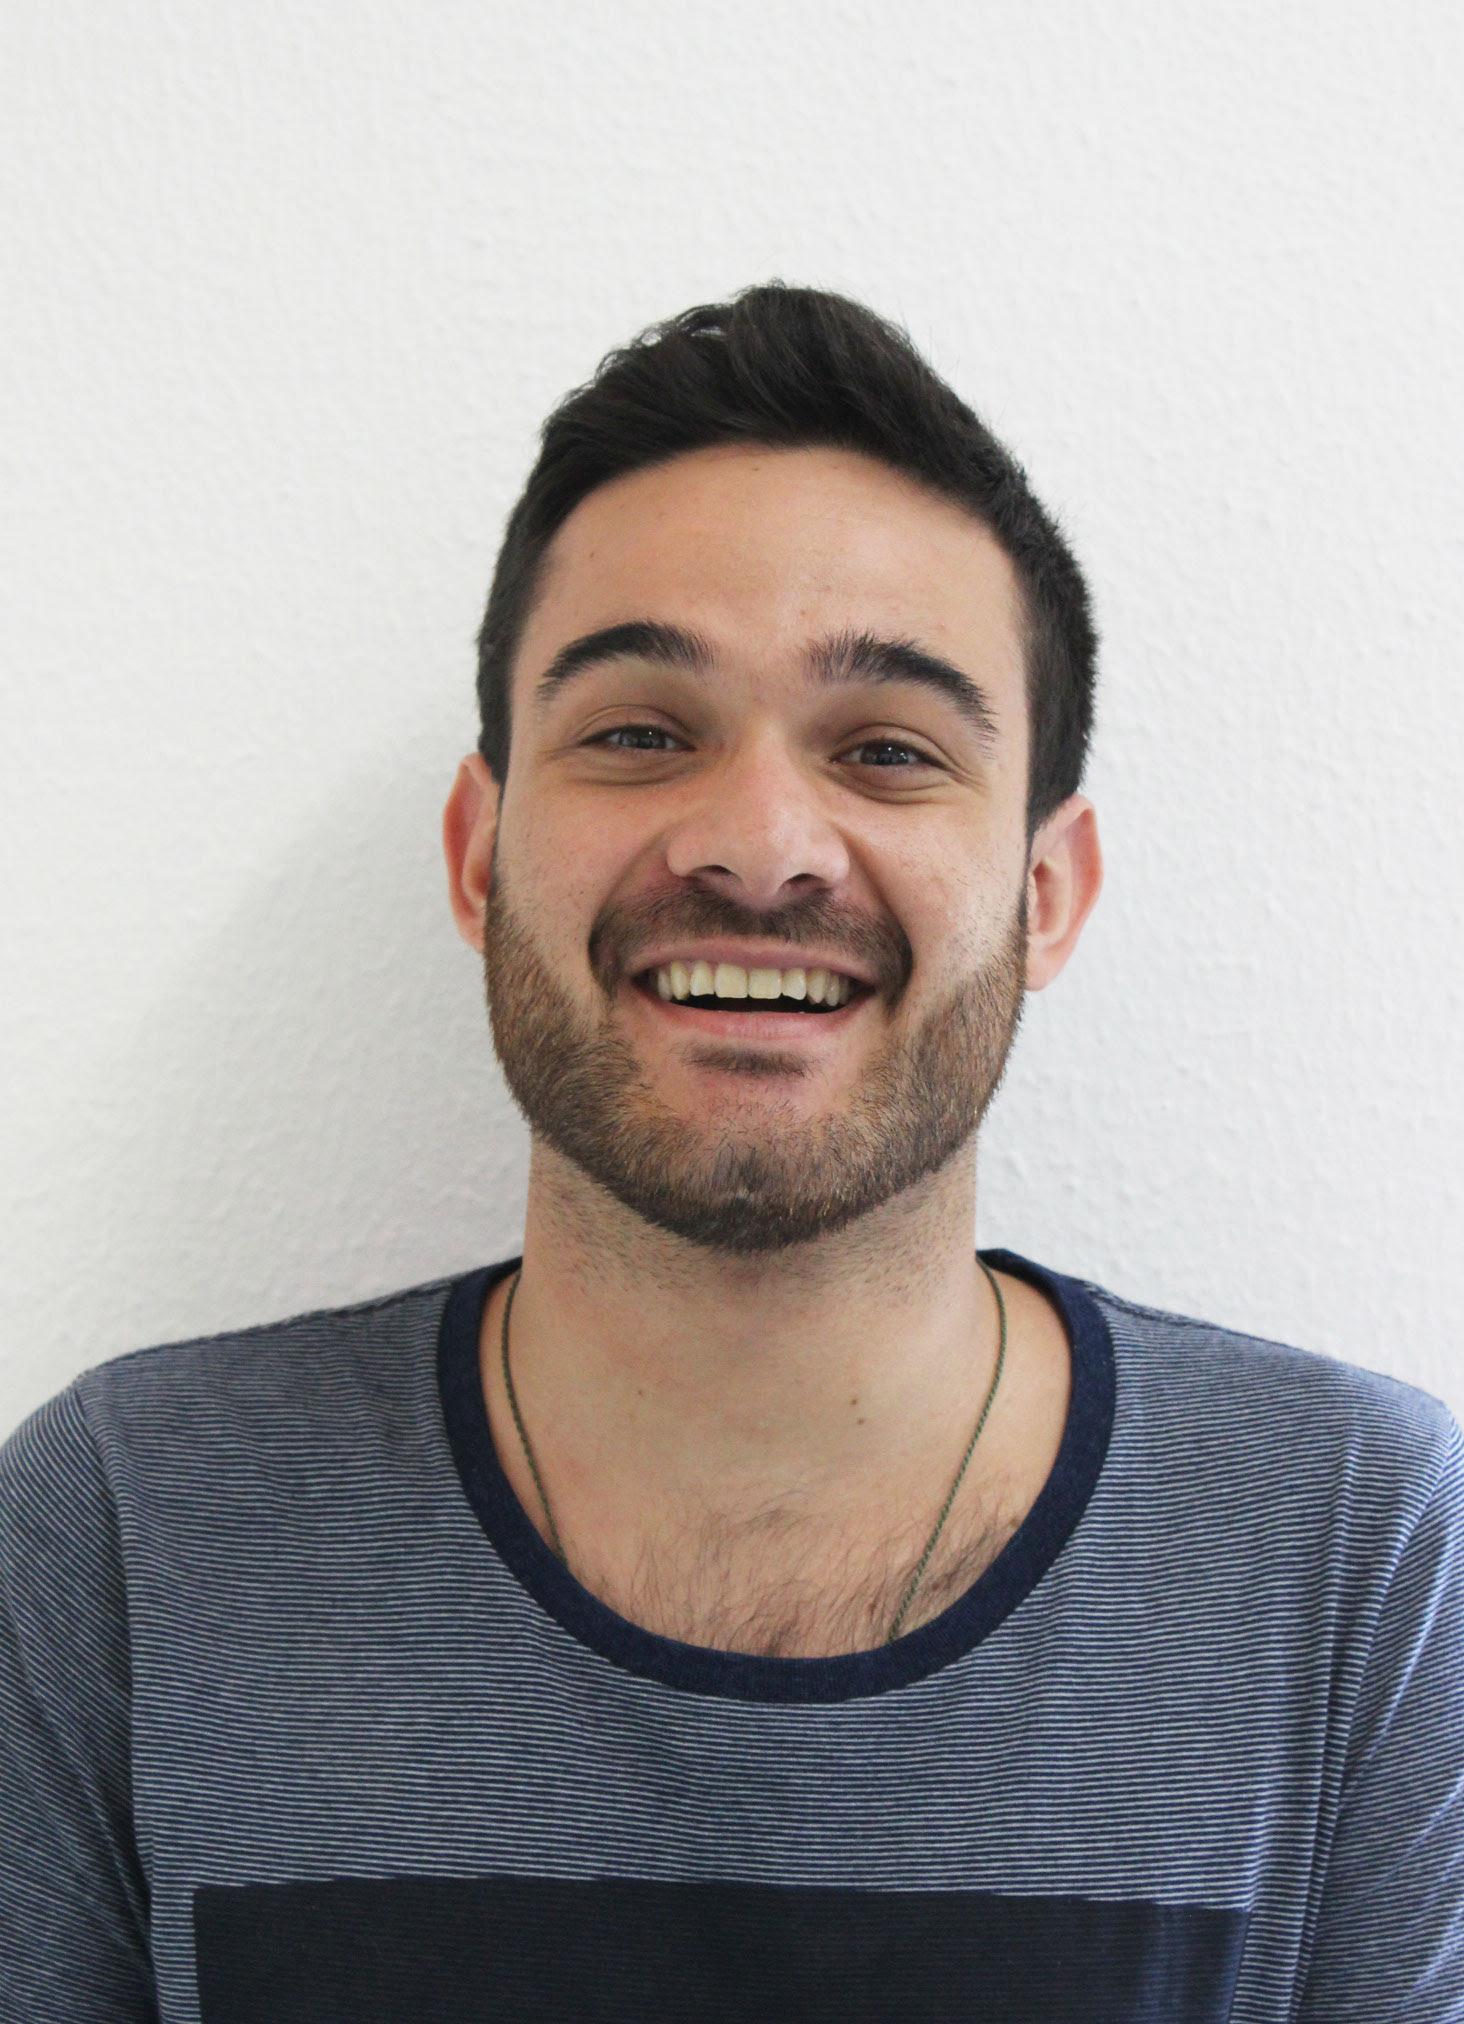 DESCRIÇÃO DA FOTO 3x4: Matheus tem pele branca, cabelo curto, preto, e barba rala. Ele está com um sorriso largo, olhos fechados e veste uma camiseta azul escuro.